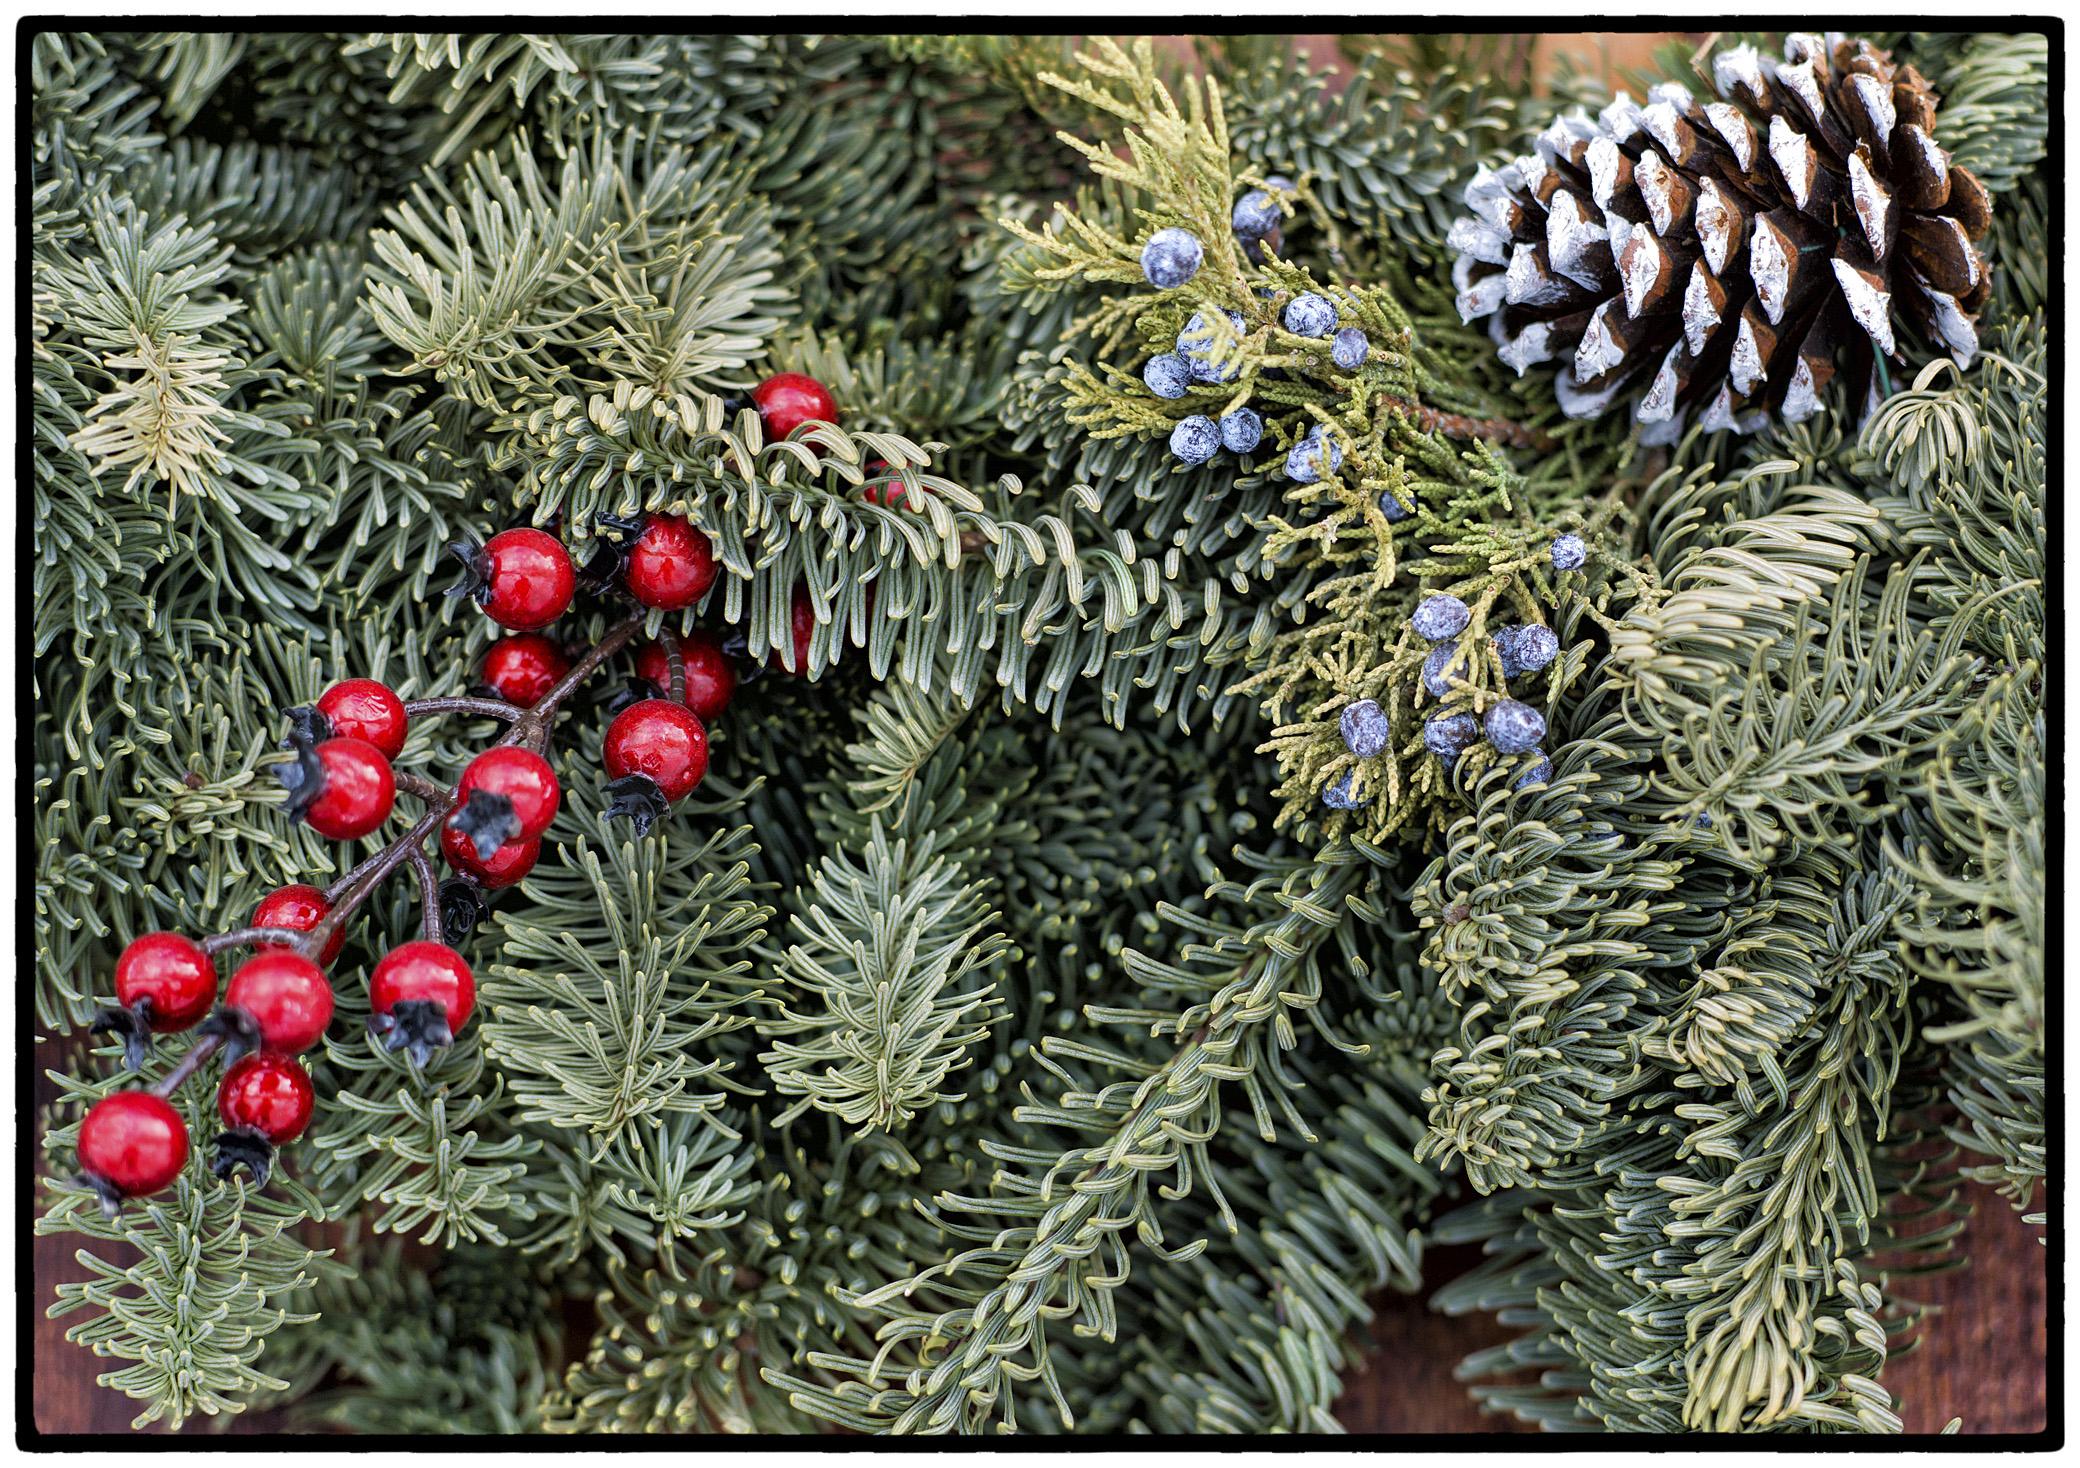 Wreath by bensonga in bensonga